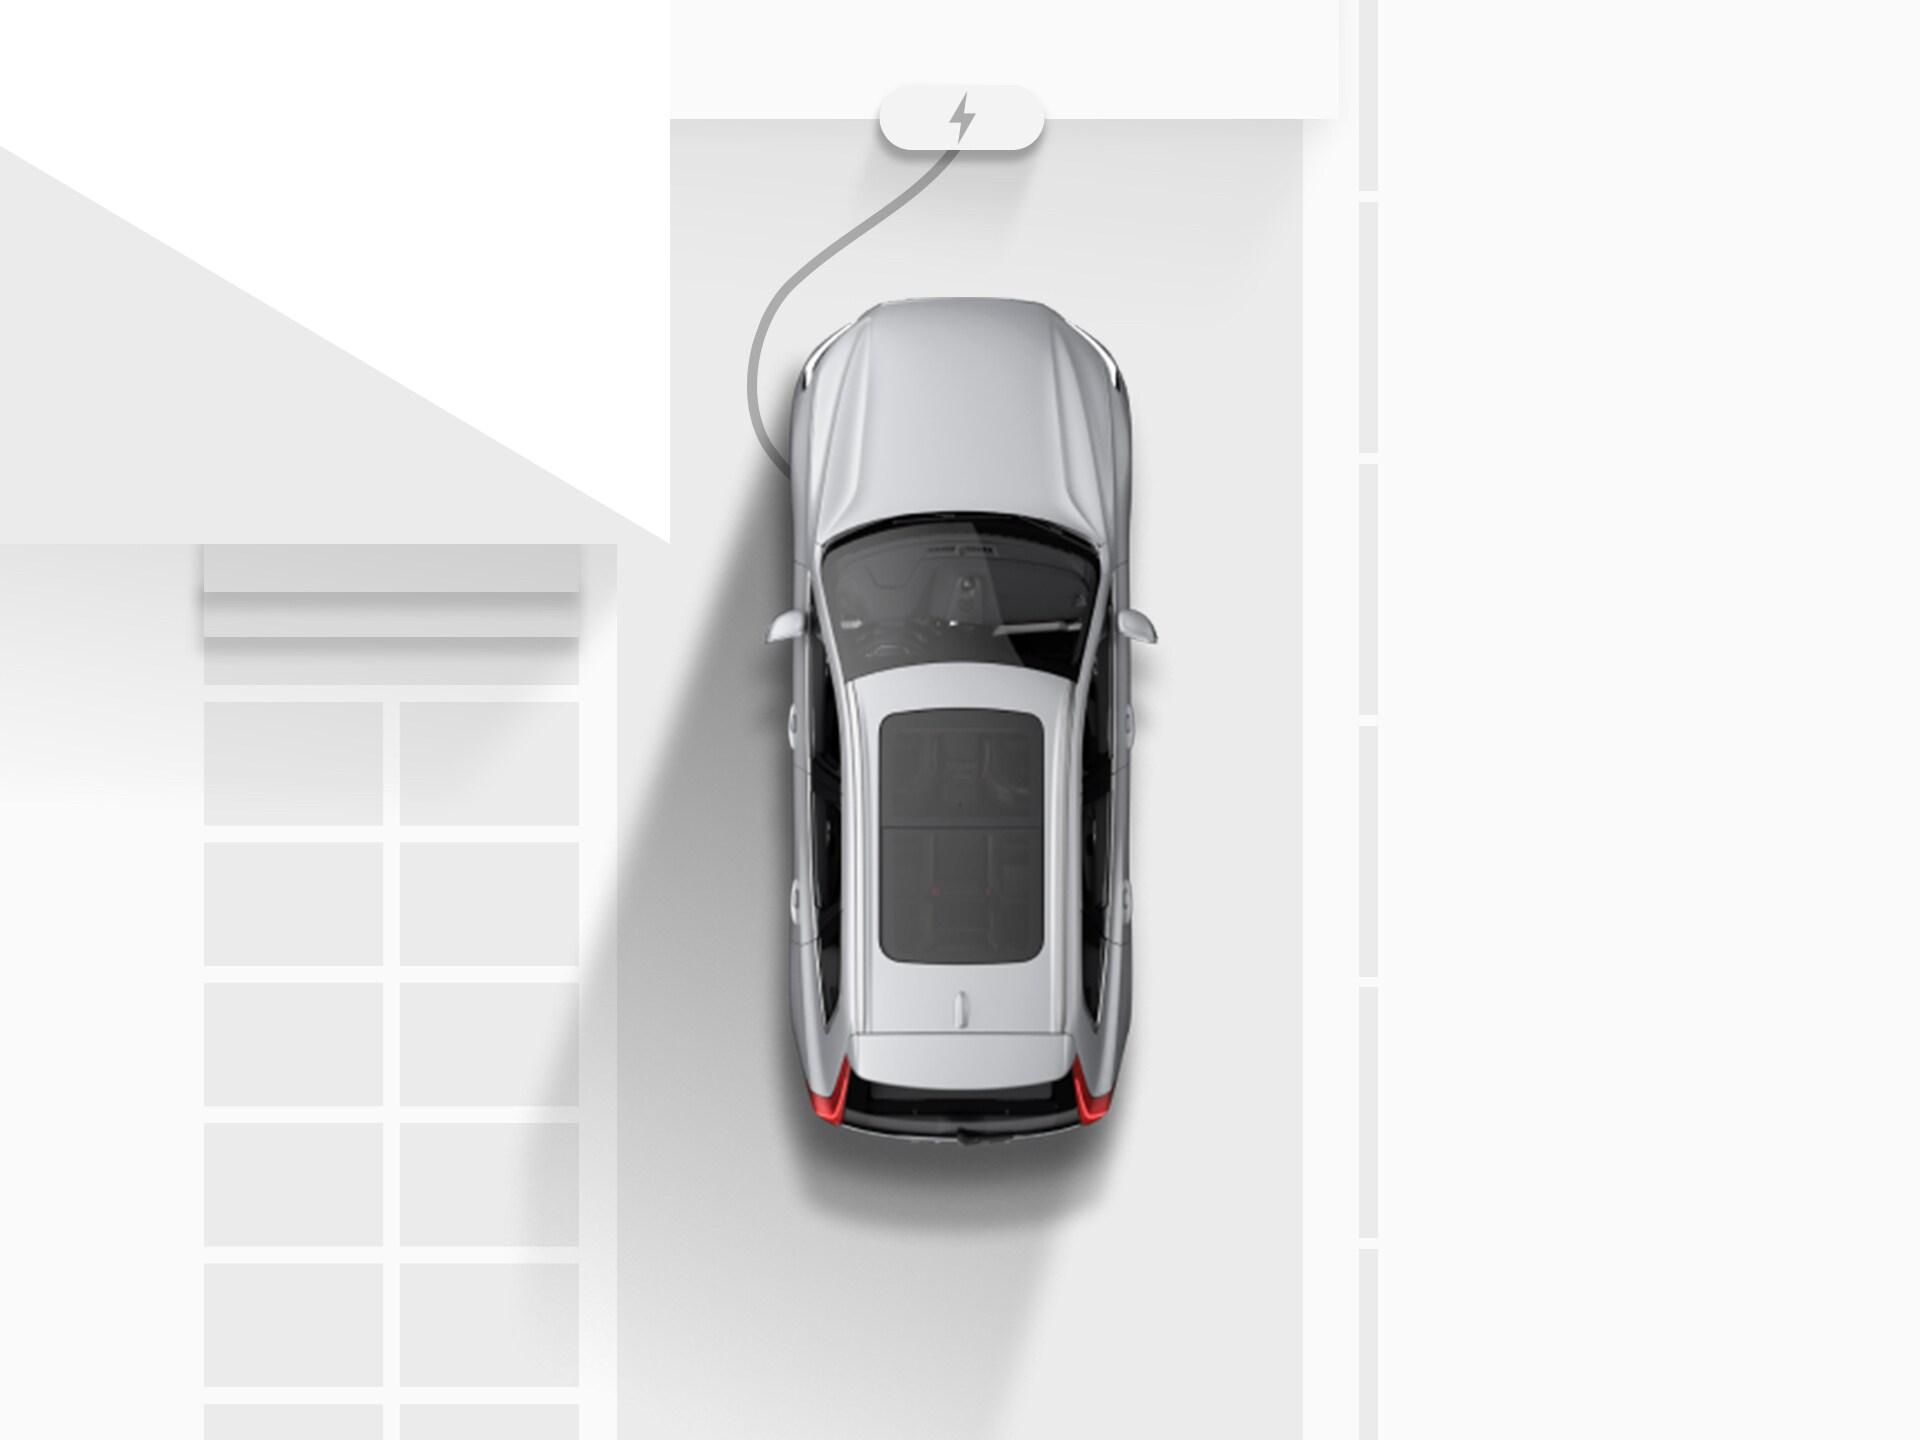 ภาพมุมสูงของภาพวาดดิจิตอลของ Volvo XC40 Recharge SUV ระบบไฟฟ้าสีเงิน ที่กำลังเสียบสายชาร์จไฟอยู่บนถนนทางเข้าบ้าน